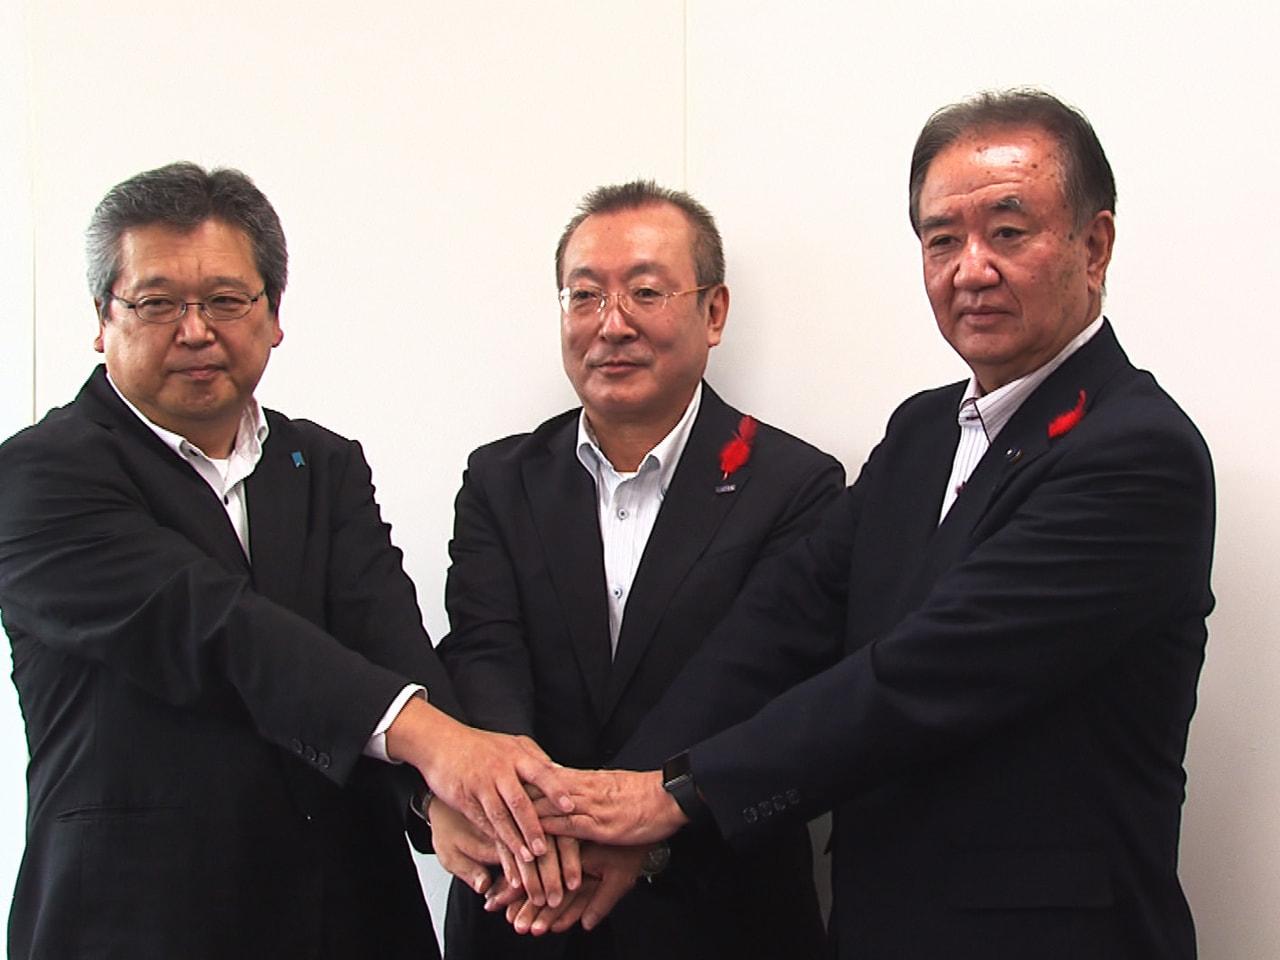 10月31日に予定される衆議院選挙に向けて、立憲民主党と国民民主党の岐阜県組織、...